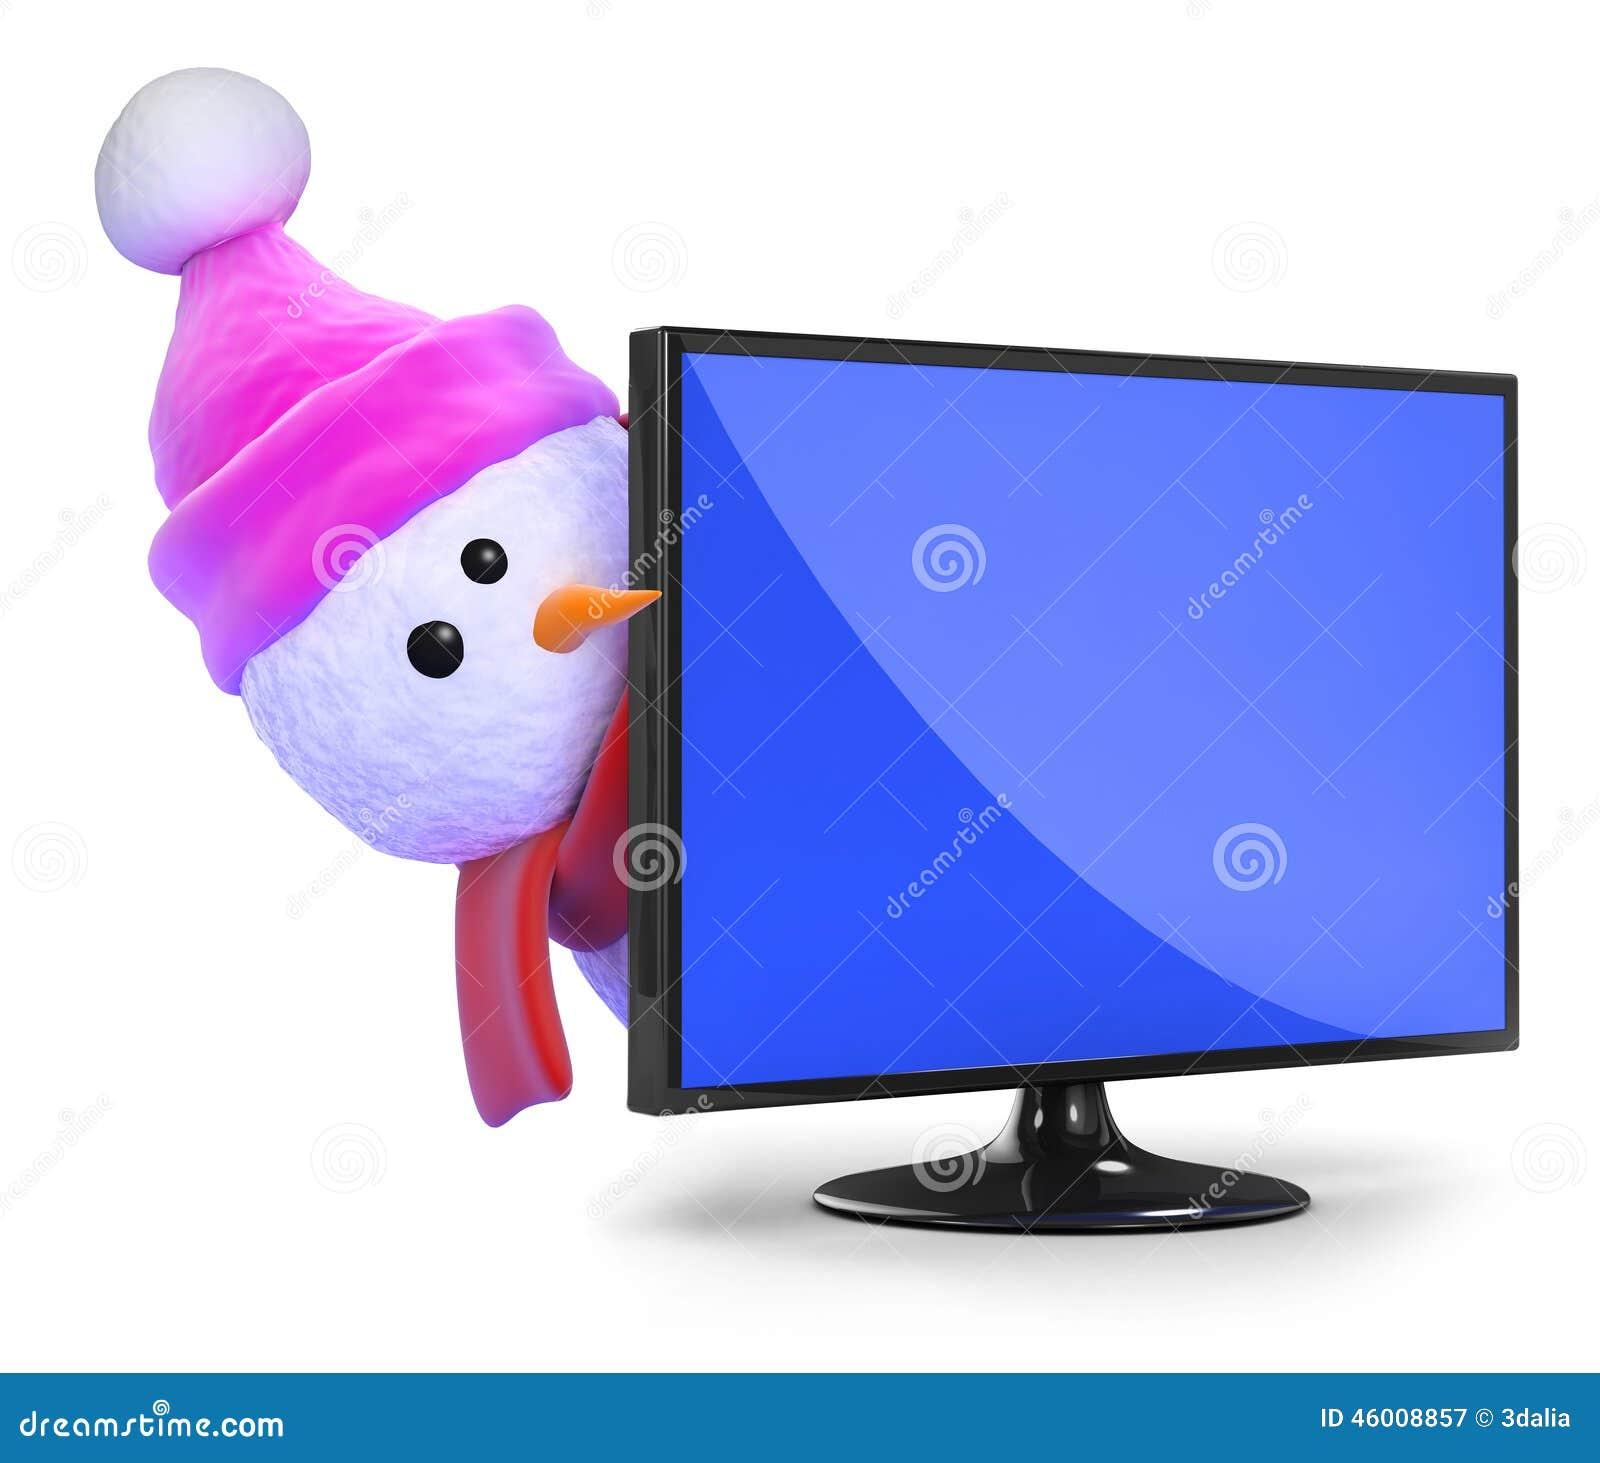 Le bonhomme de neige 3d dans le chapeau rose de laine piaule autour d 39 une t l vision - Bonhomme de neige en laine ...